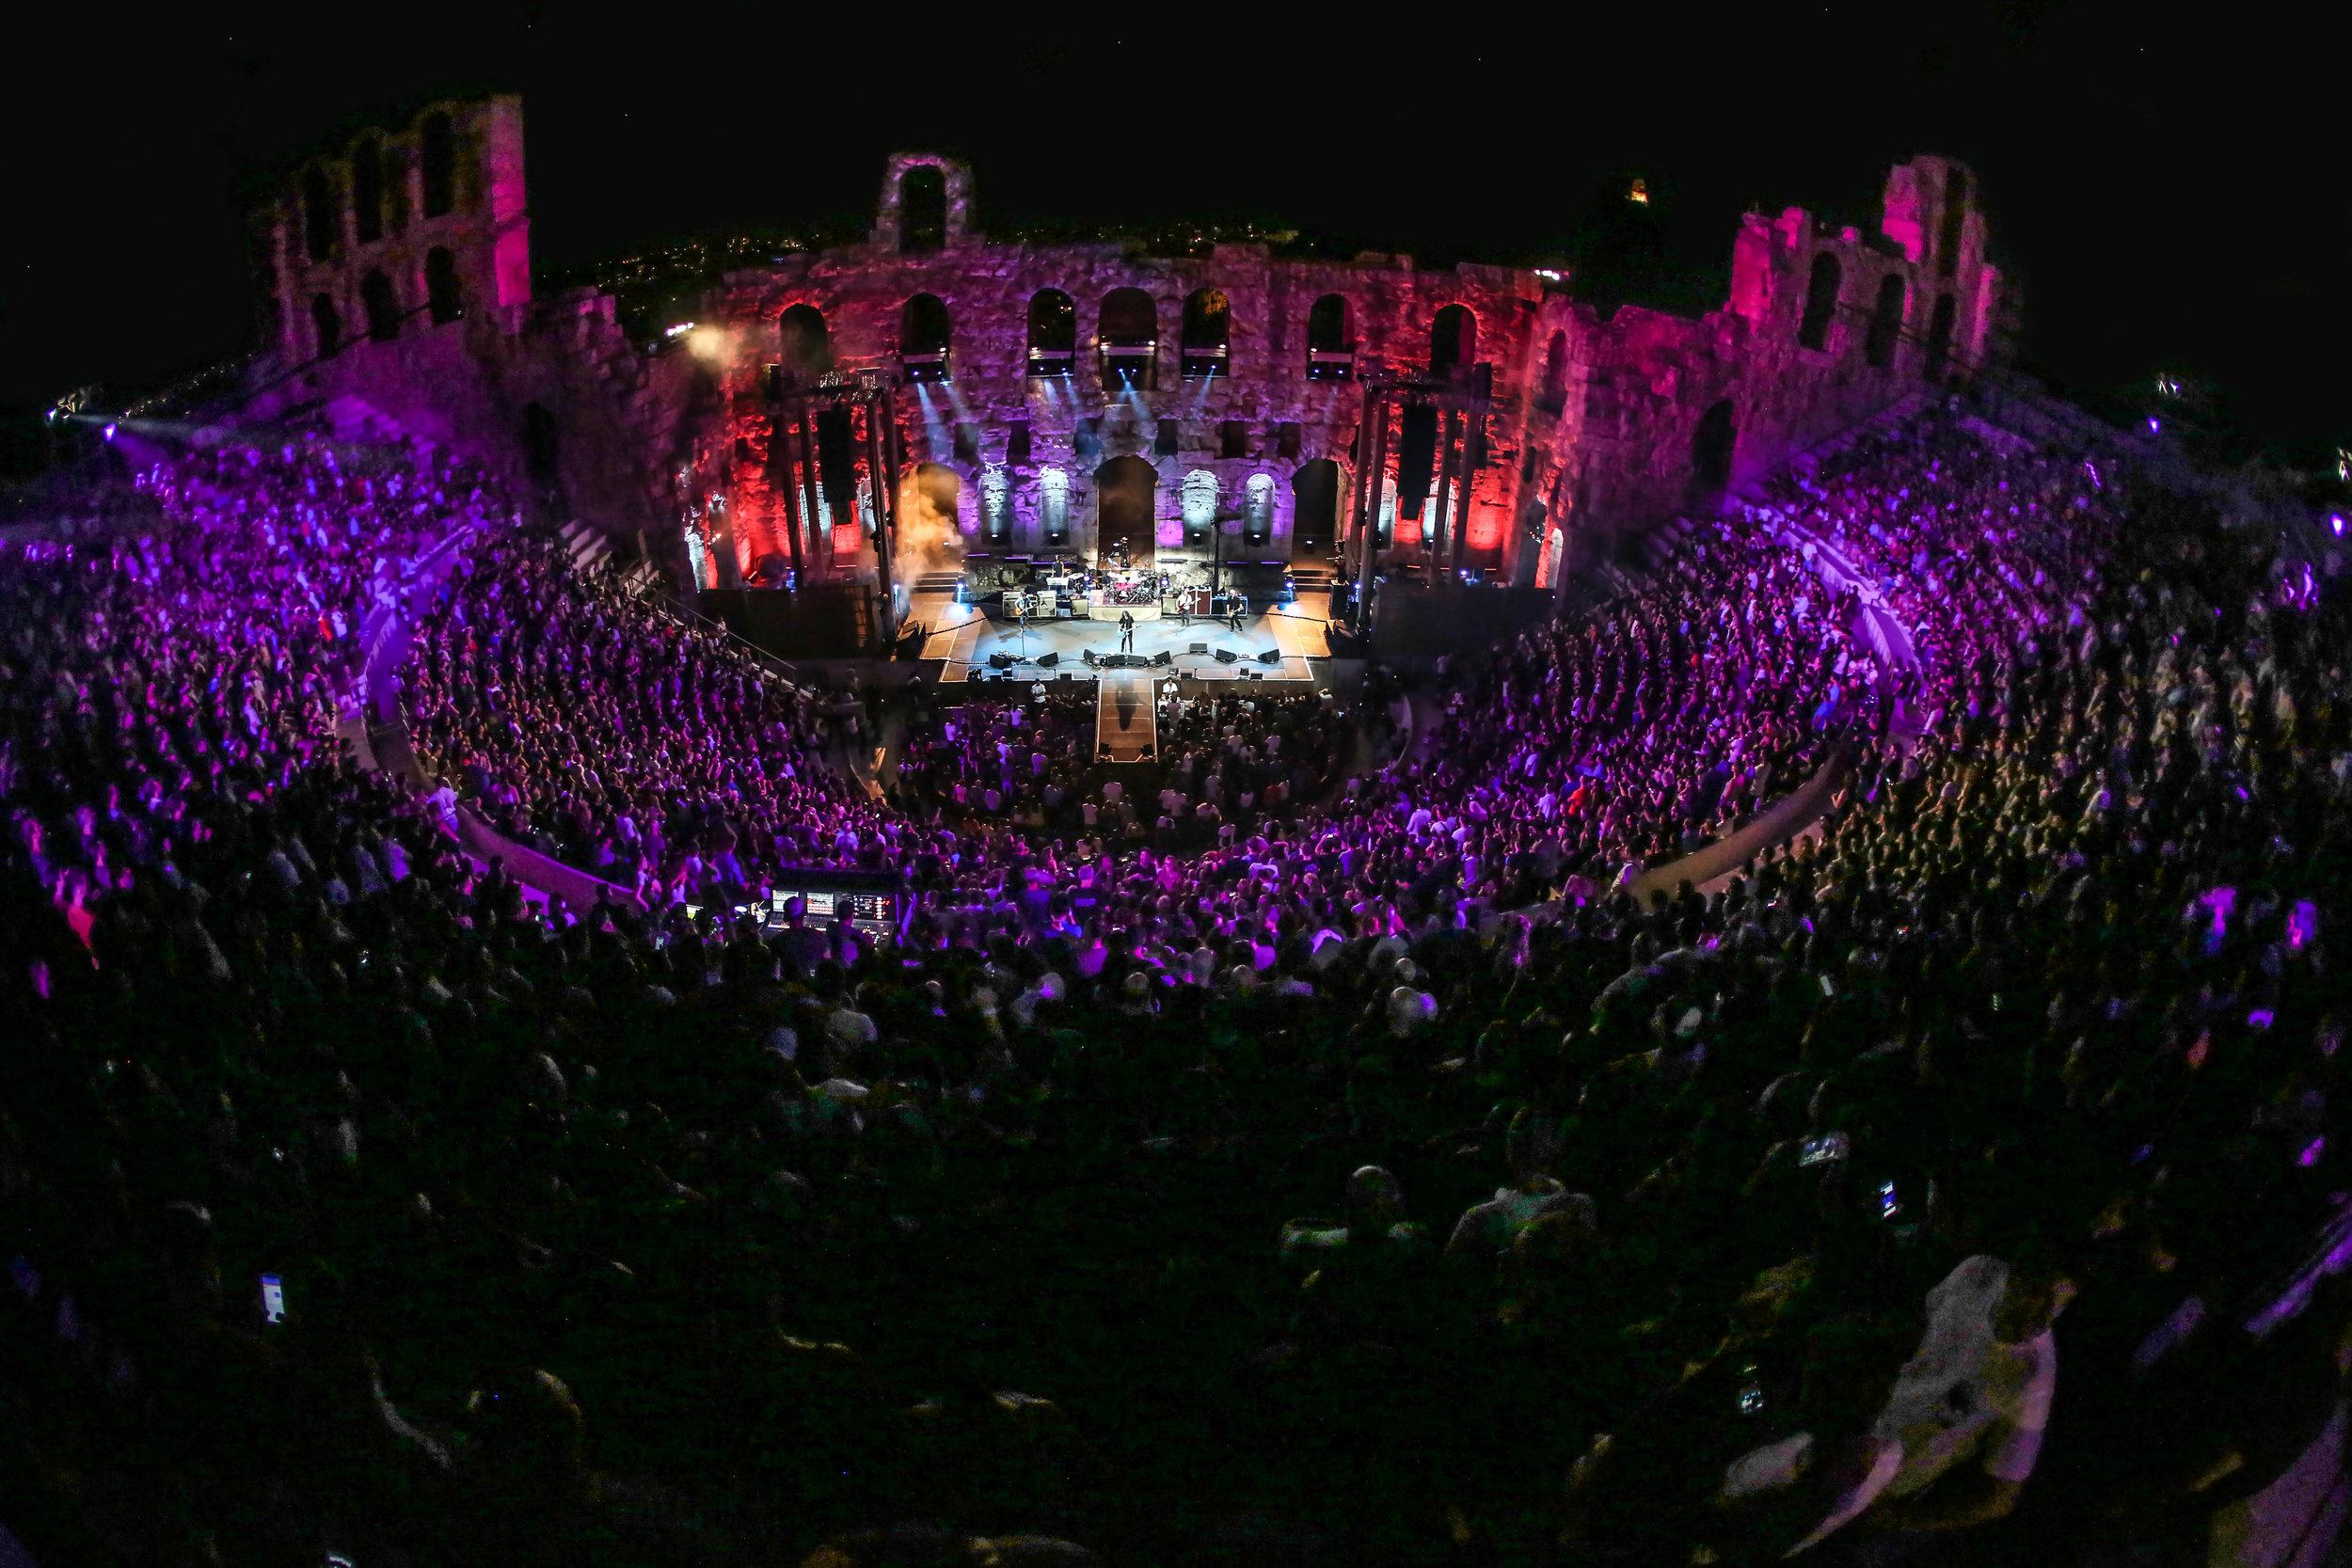 LANDMARKS LIVE_Foo Fighters_Odeon at Acropolis 9N4C5186 by Chris Bradshaw.jpg